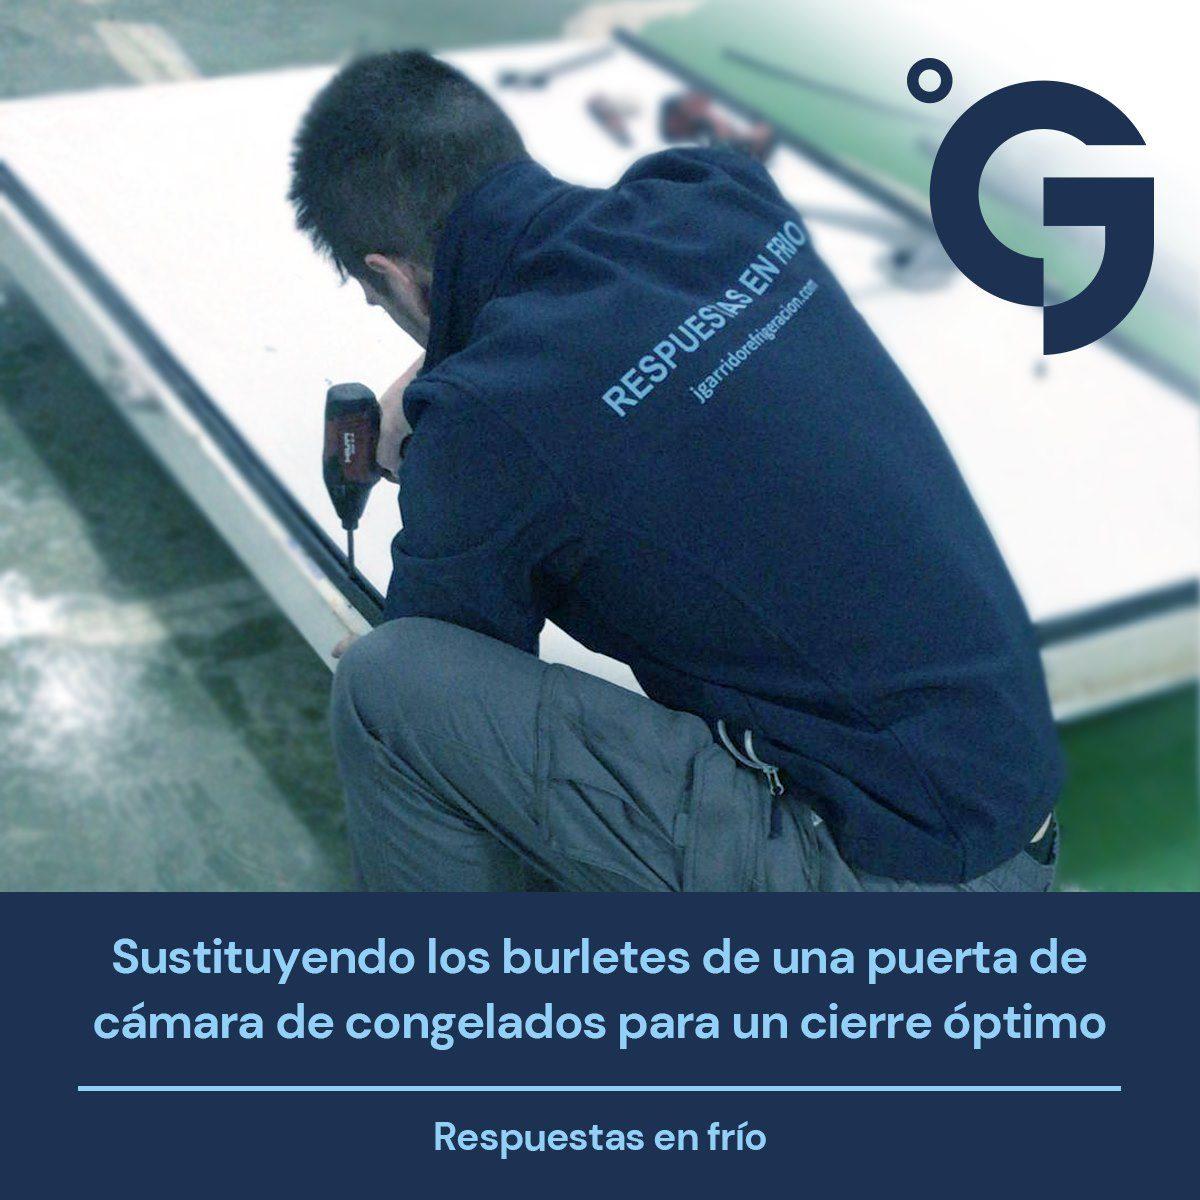 J. Garrido y cárnicas Godoy